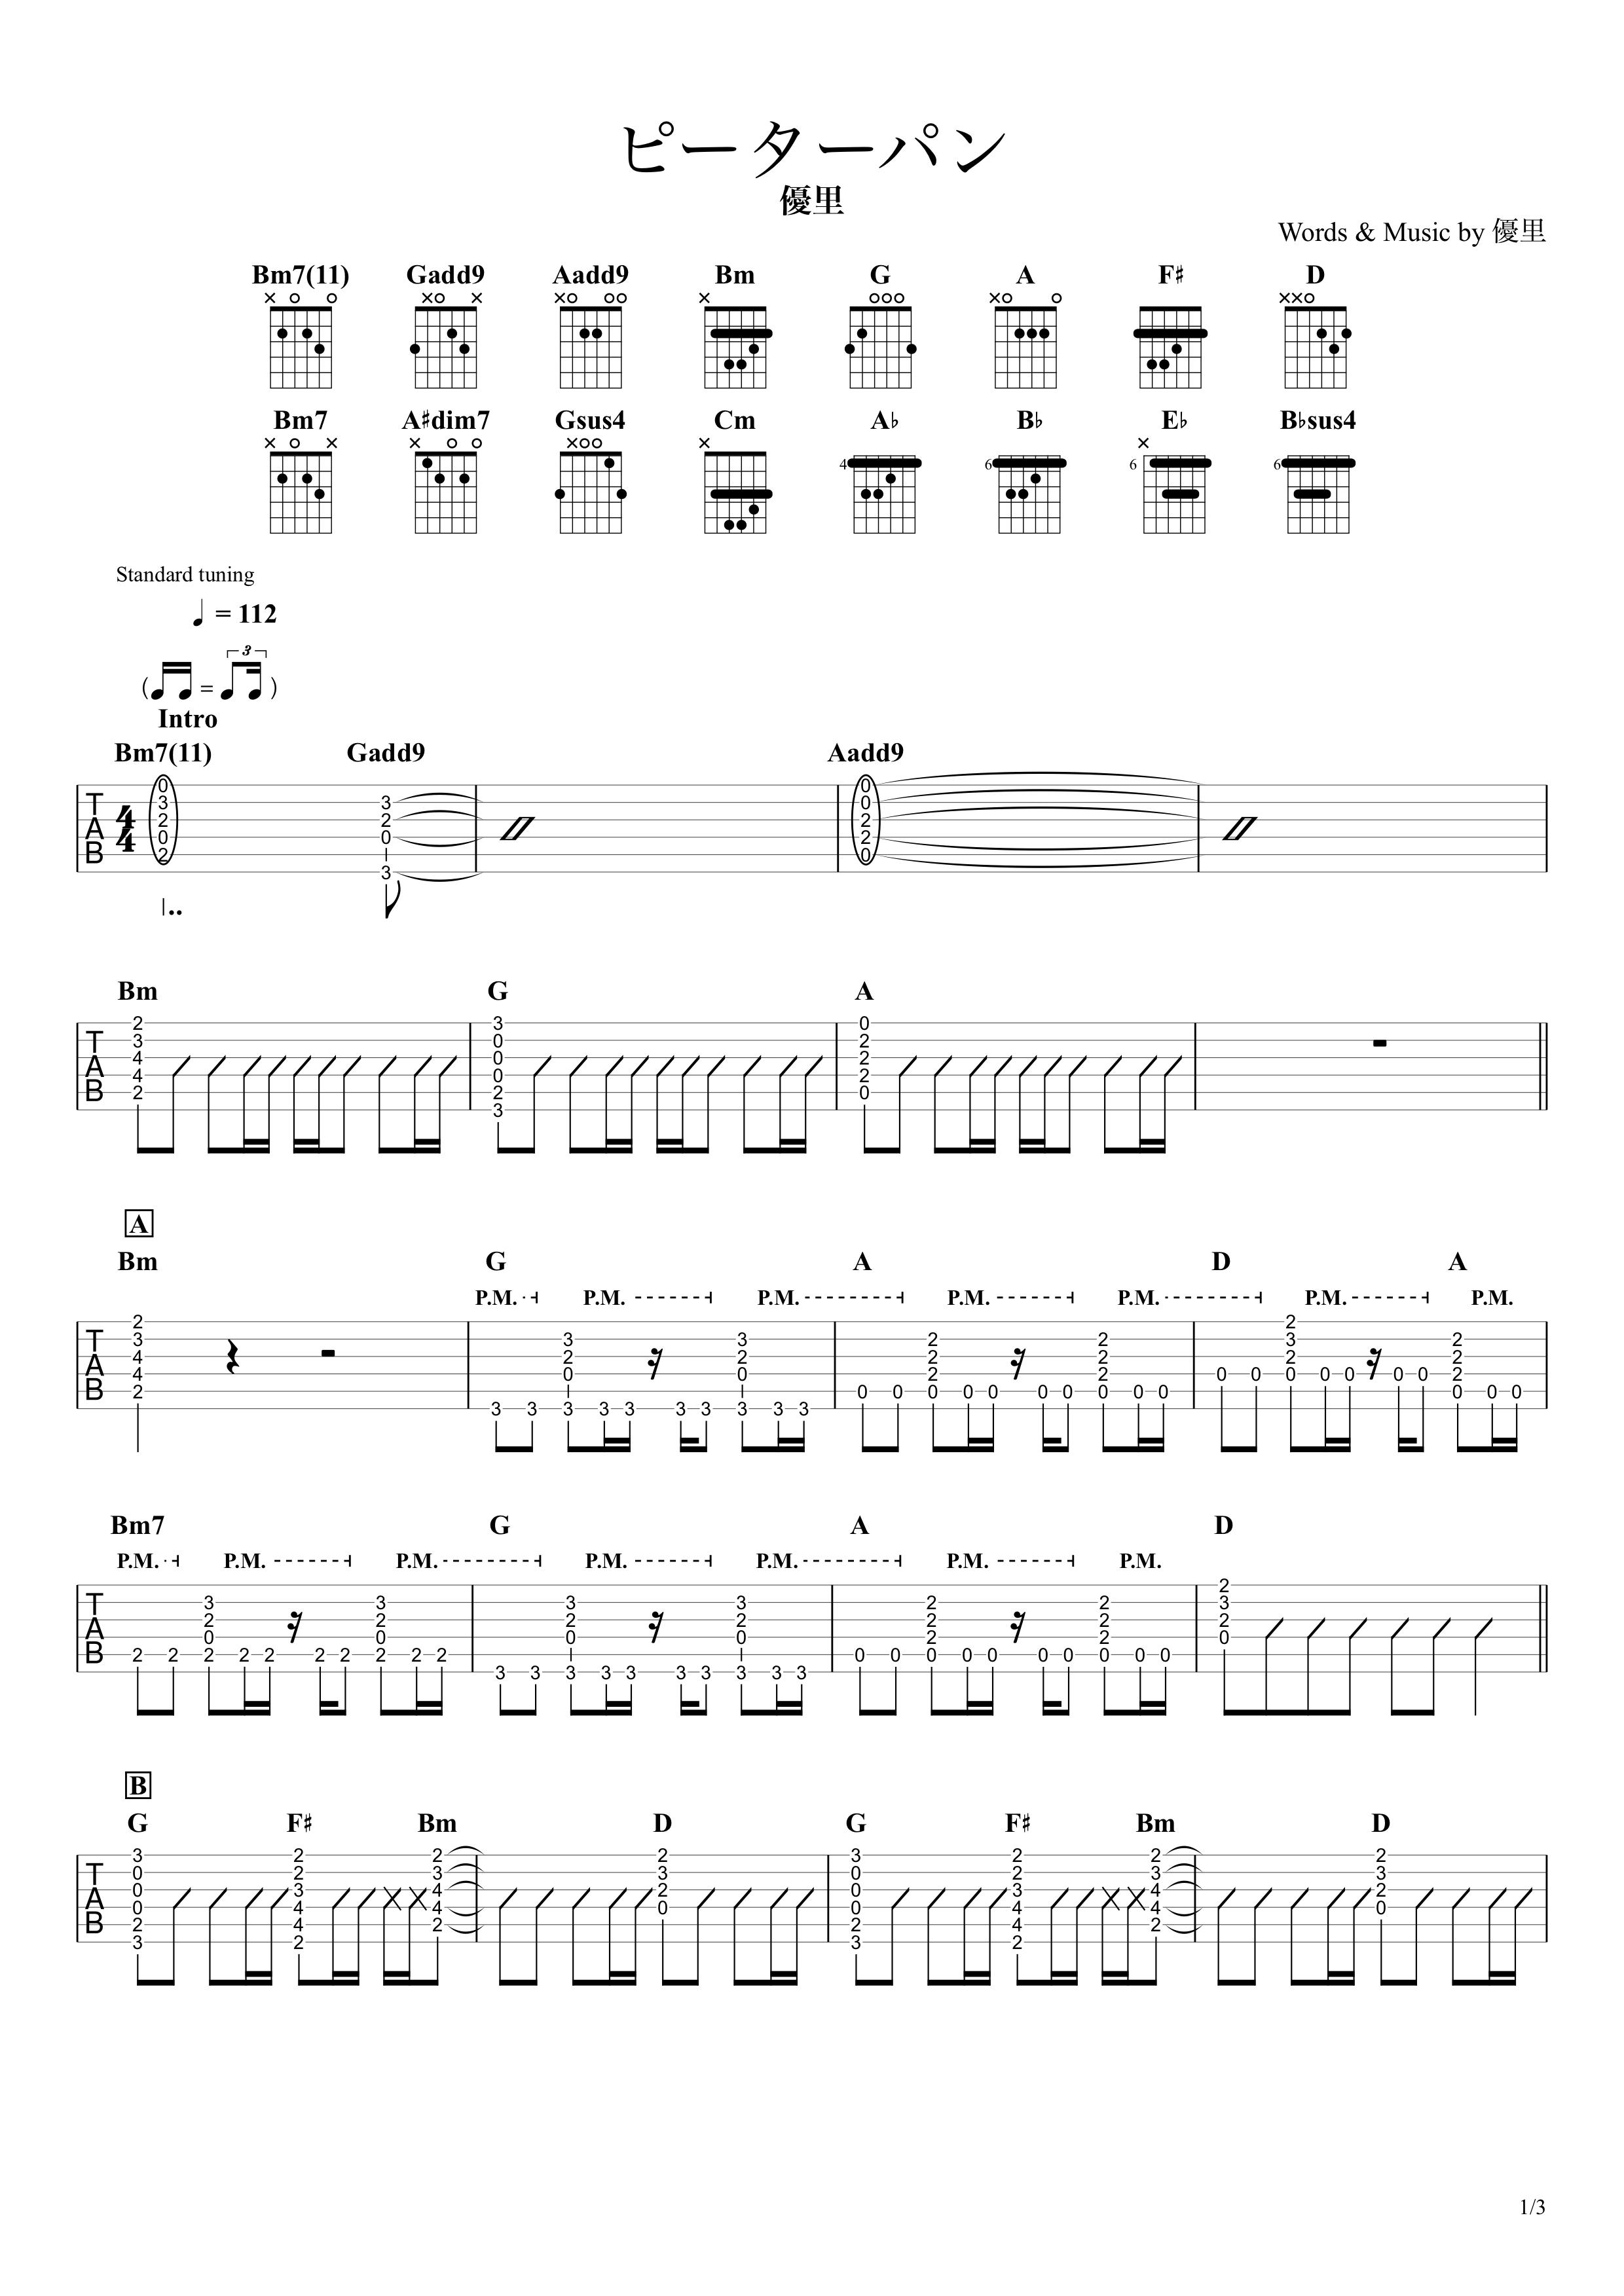 ピーターパン/優里 ギタータブ譜 コードストロークで弾くVer.01